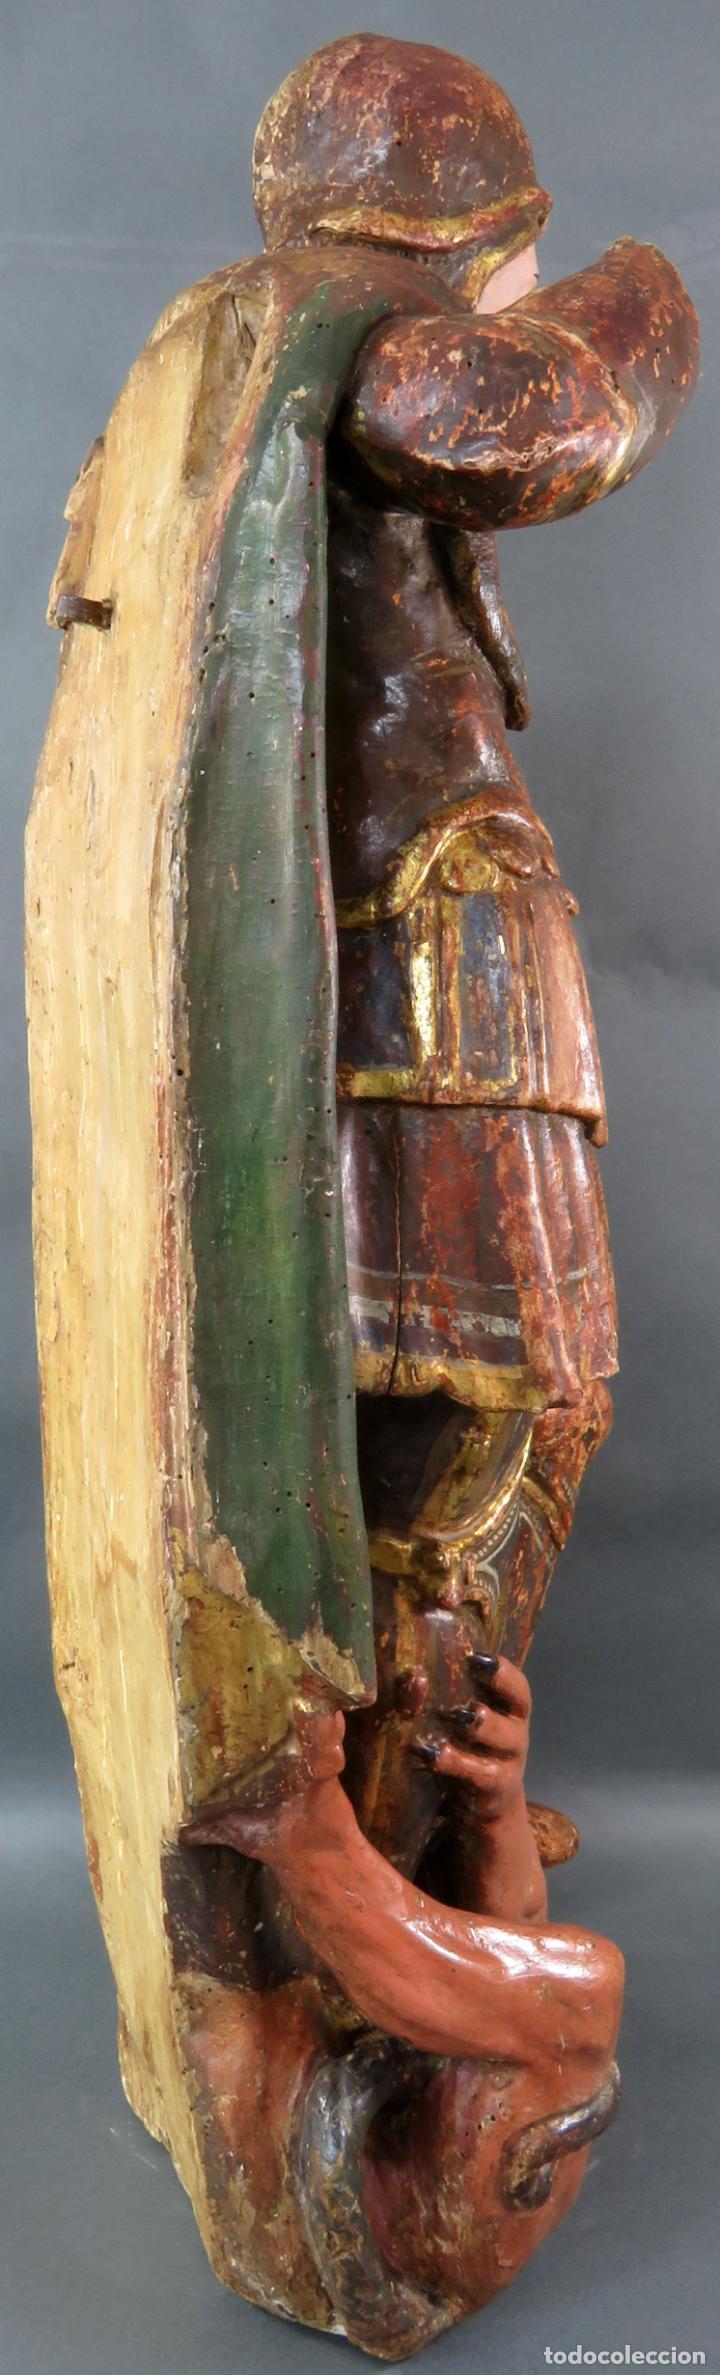 Arte: Talla San Miguel en madera tallada dorada y policromada escuela castellana finales del siglo XVI - Foto 7 - 194787448